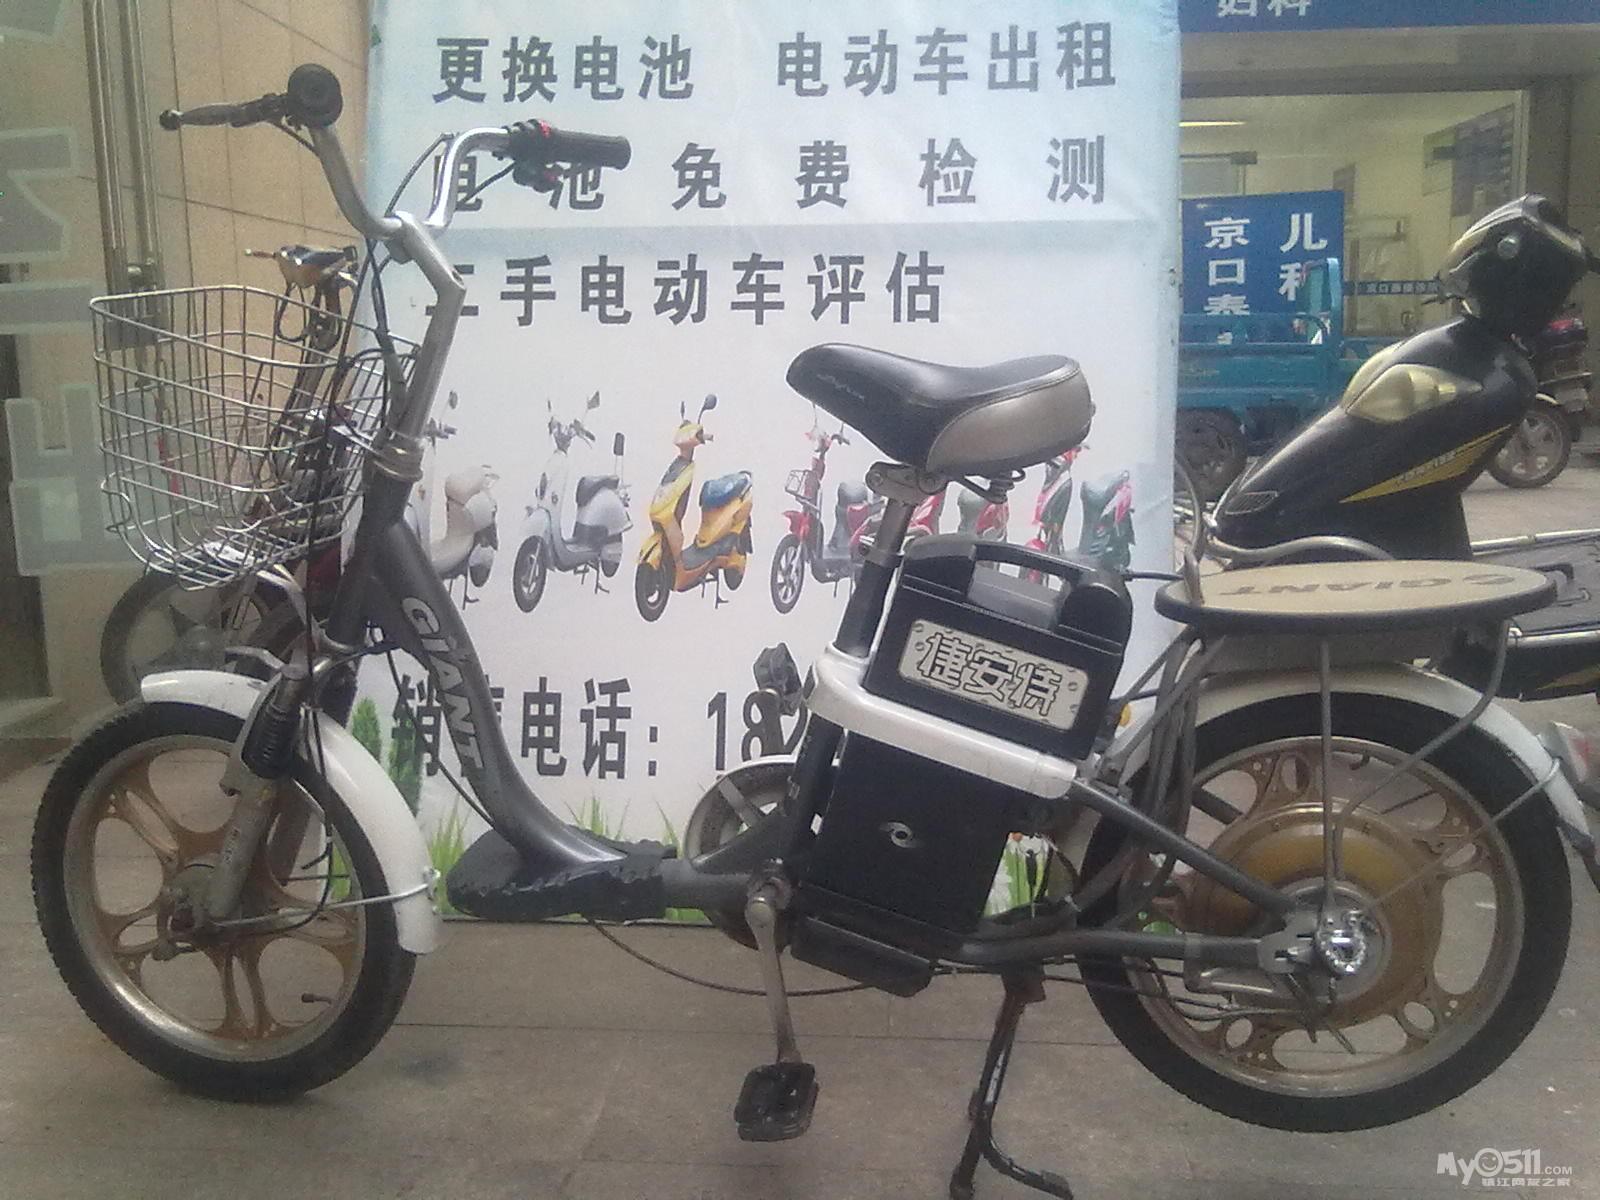 捷安特48v电动车出售,质量杠杆的.